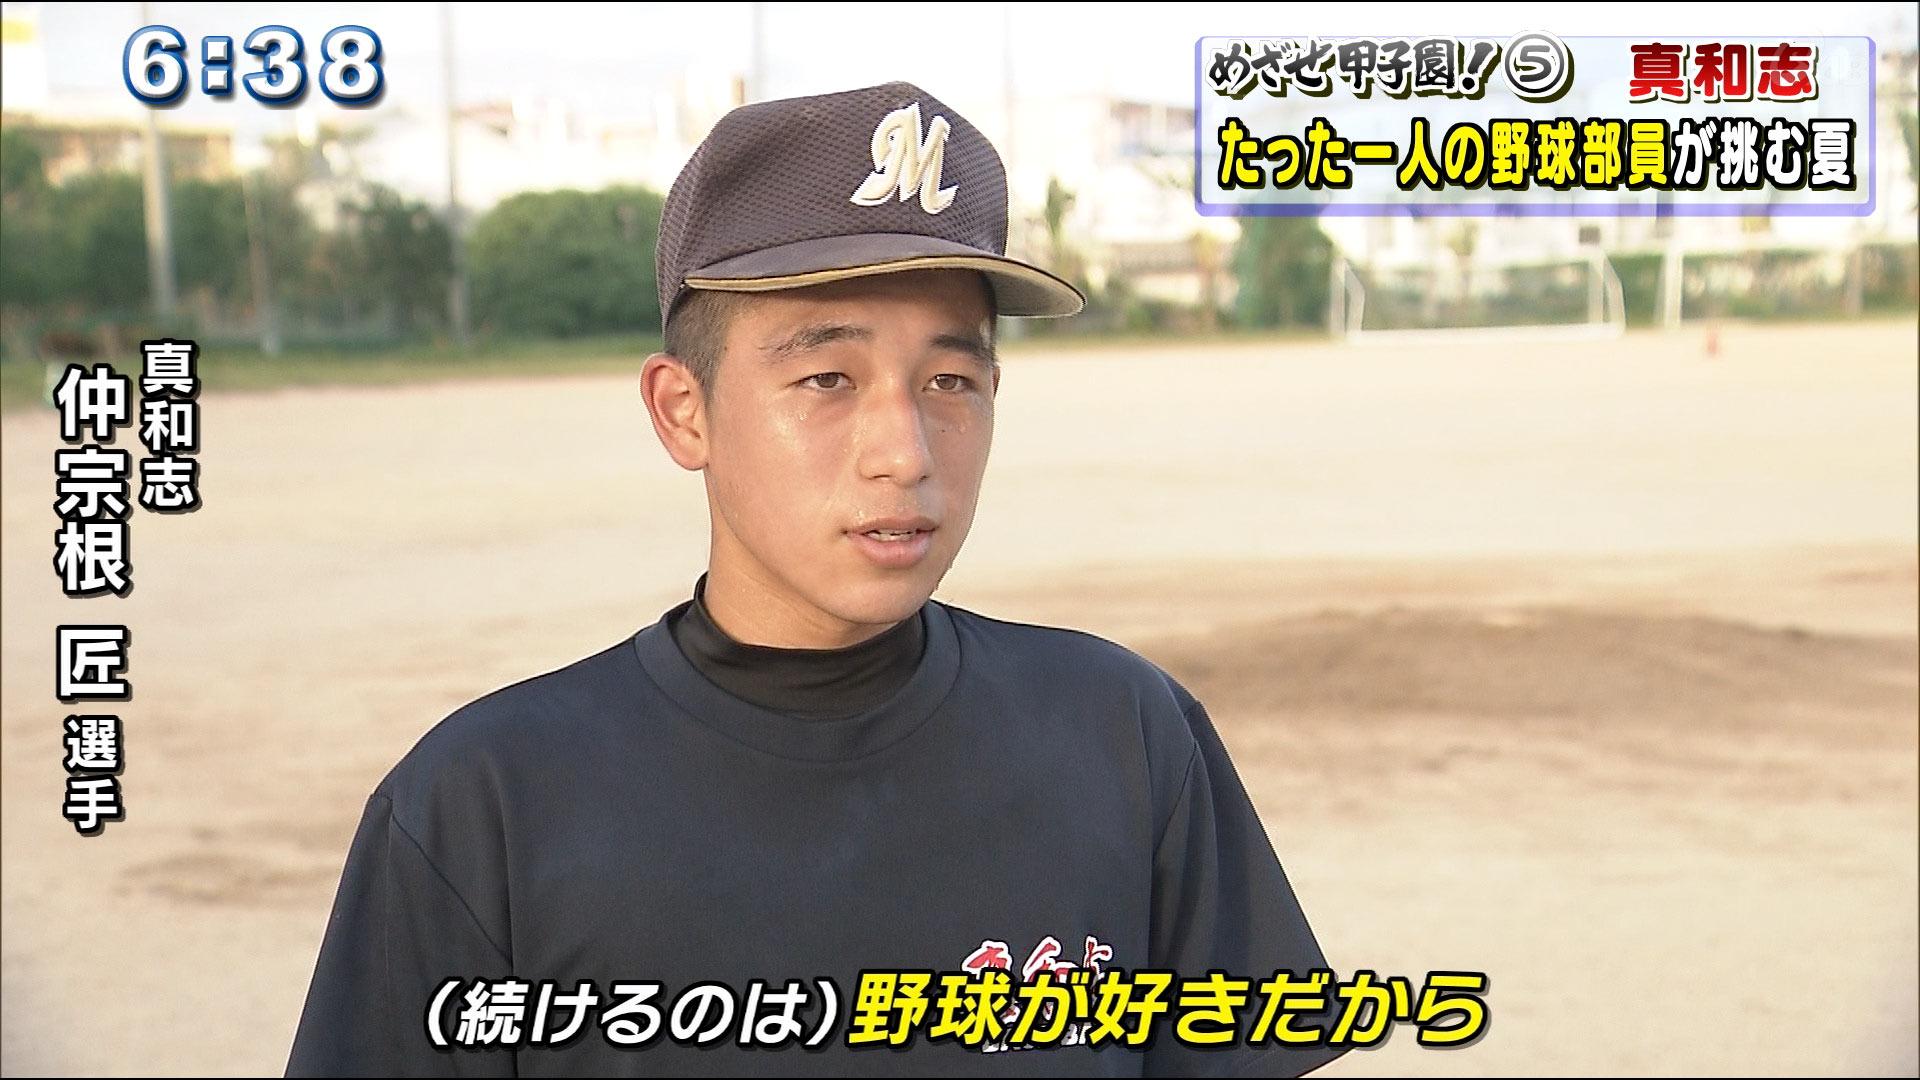 めざせ甲子園 真和志高校 たった一人の野球部員が仲間と挑む夏